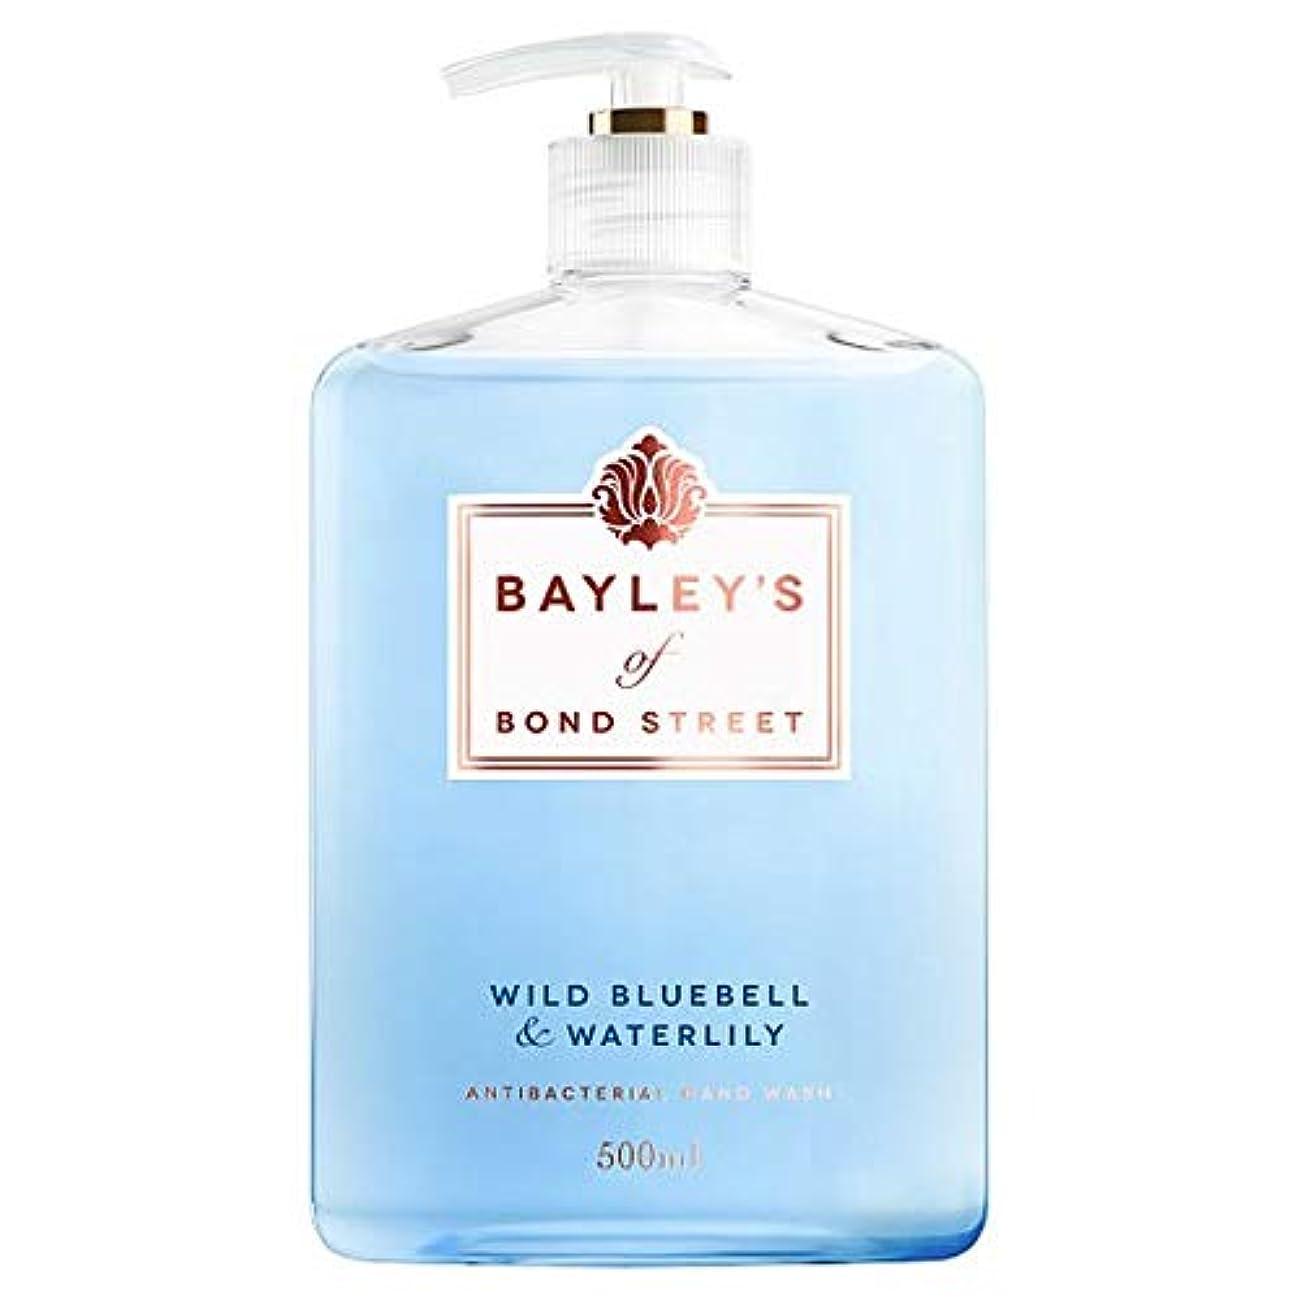 スノーケル拒否ペインギリック[Pz Cussons] ベイリーのボンドストリートブルーベルの手洗いの500ミリリットルの - Bayley's Of Bond Street Bluebell Handwash 500Ml [並行輸入品]